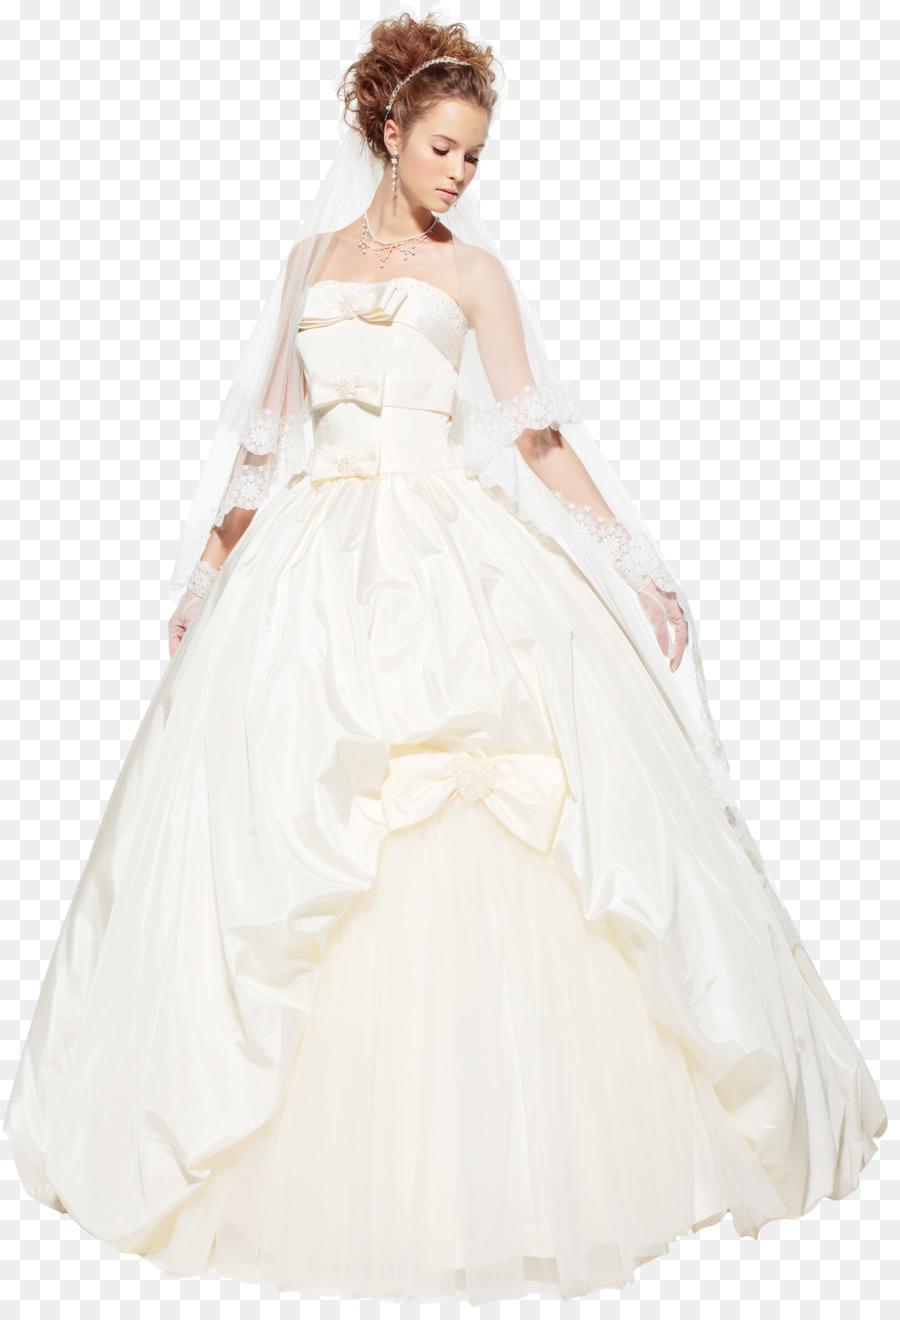 Wedding dress clipart Wedding dress